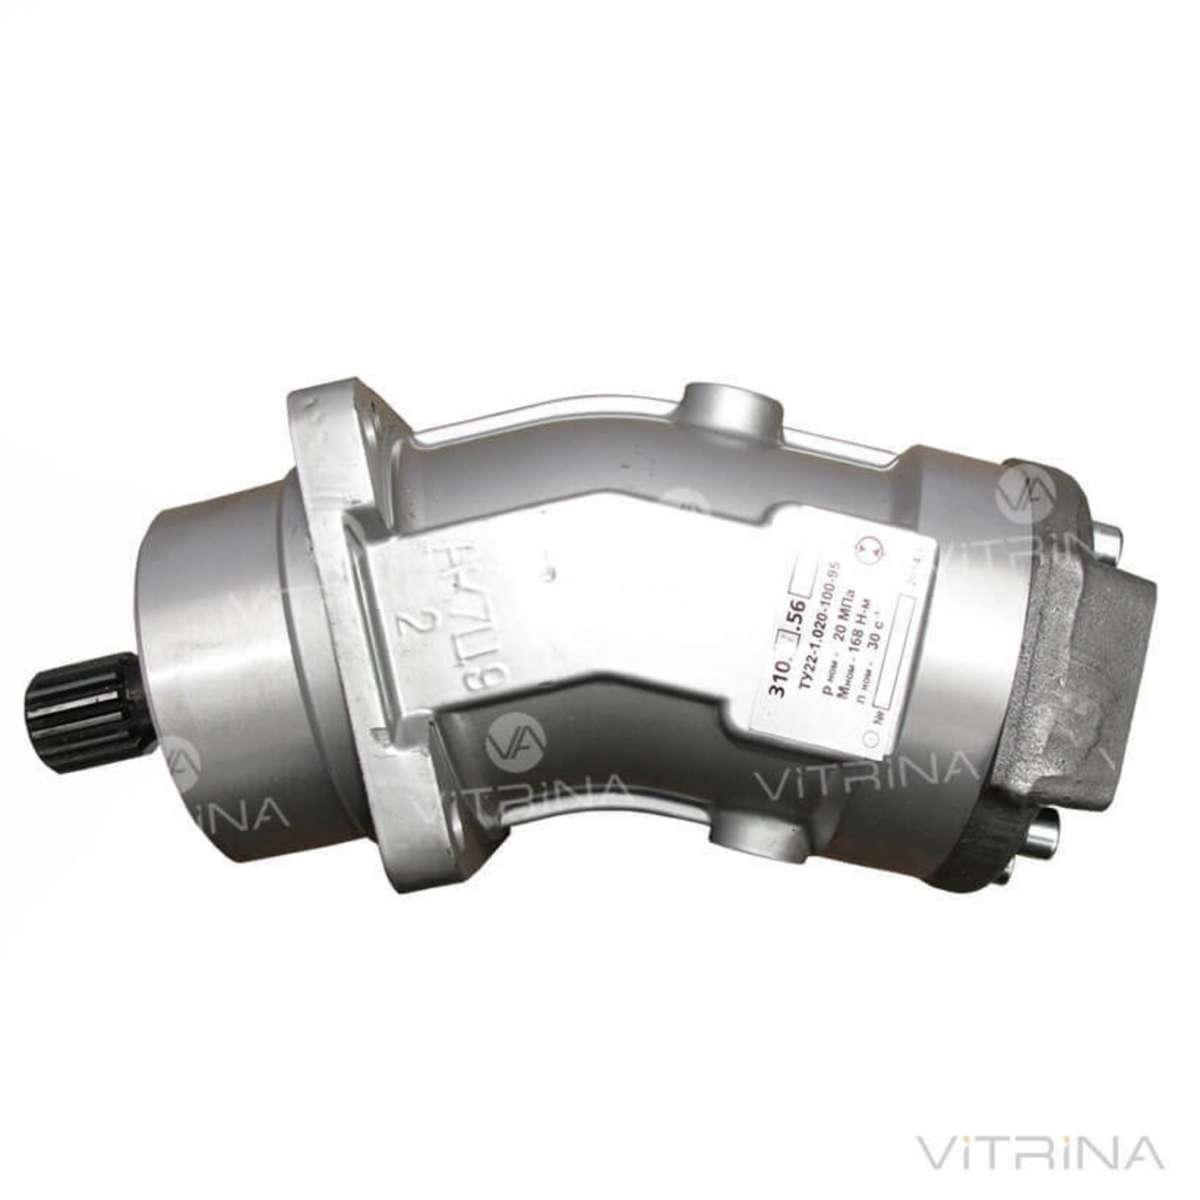 Гидромотор аксиально-поршневой 310.2.56.00.06 | шлицевой вал, реверс